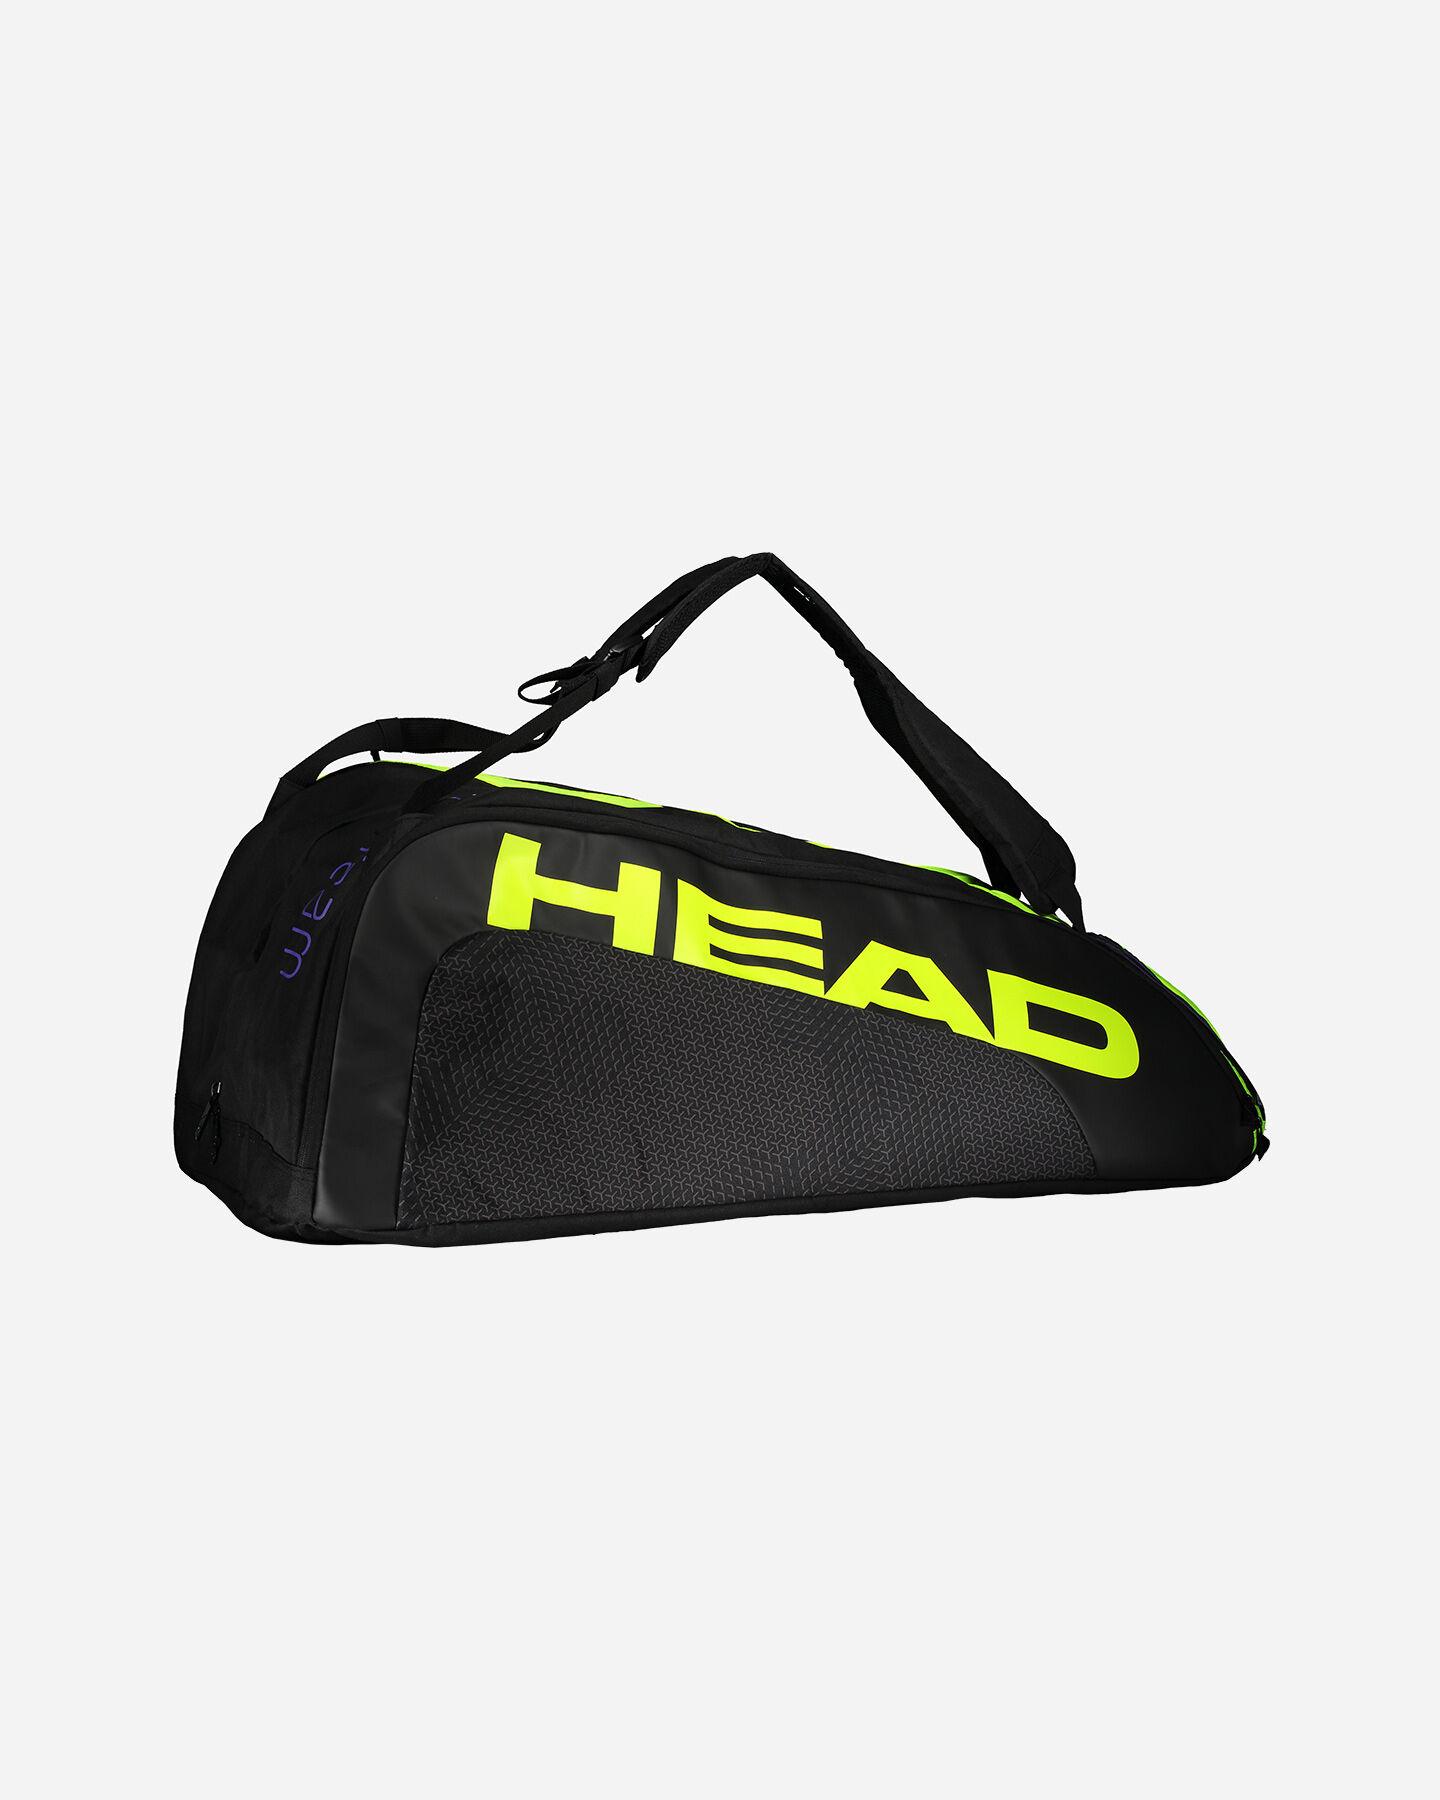 Fodero HEAD TOUR TEAM EXTREME MONSTERCOMBI 12R S5317536|BKNY|UNI scatto 1